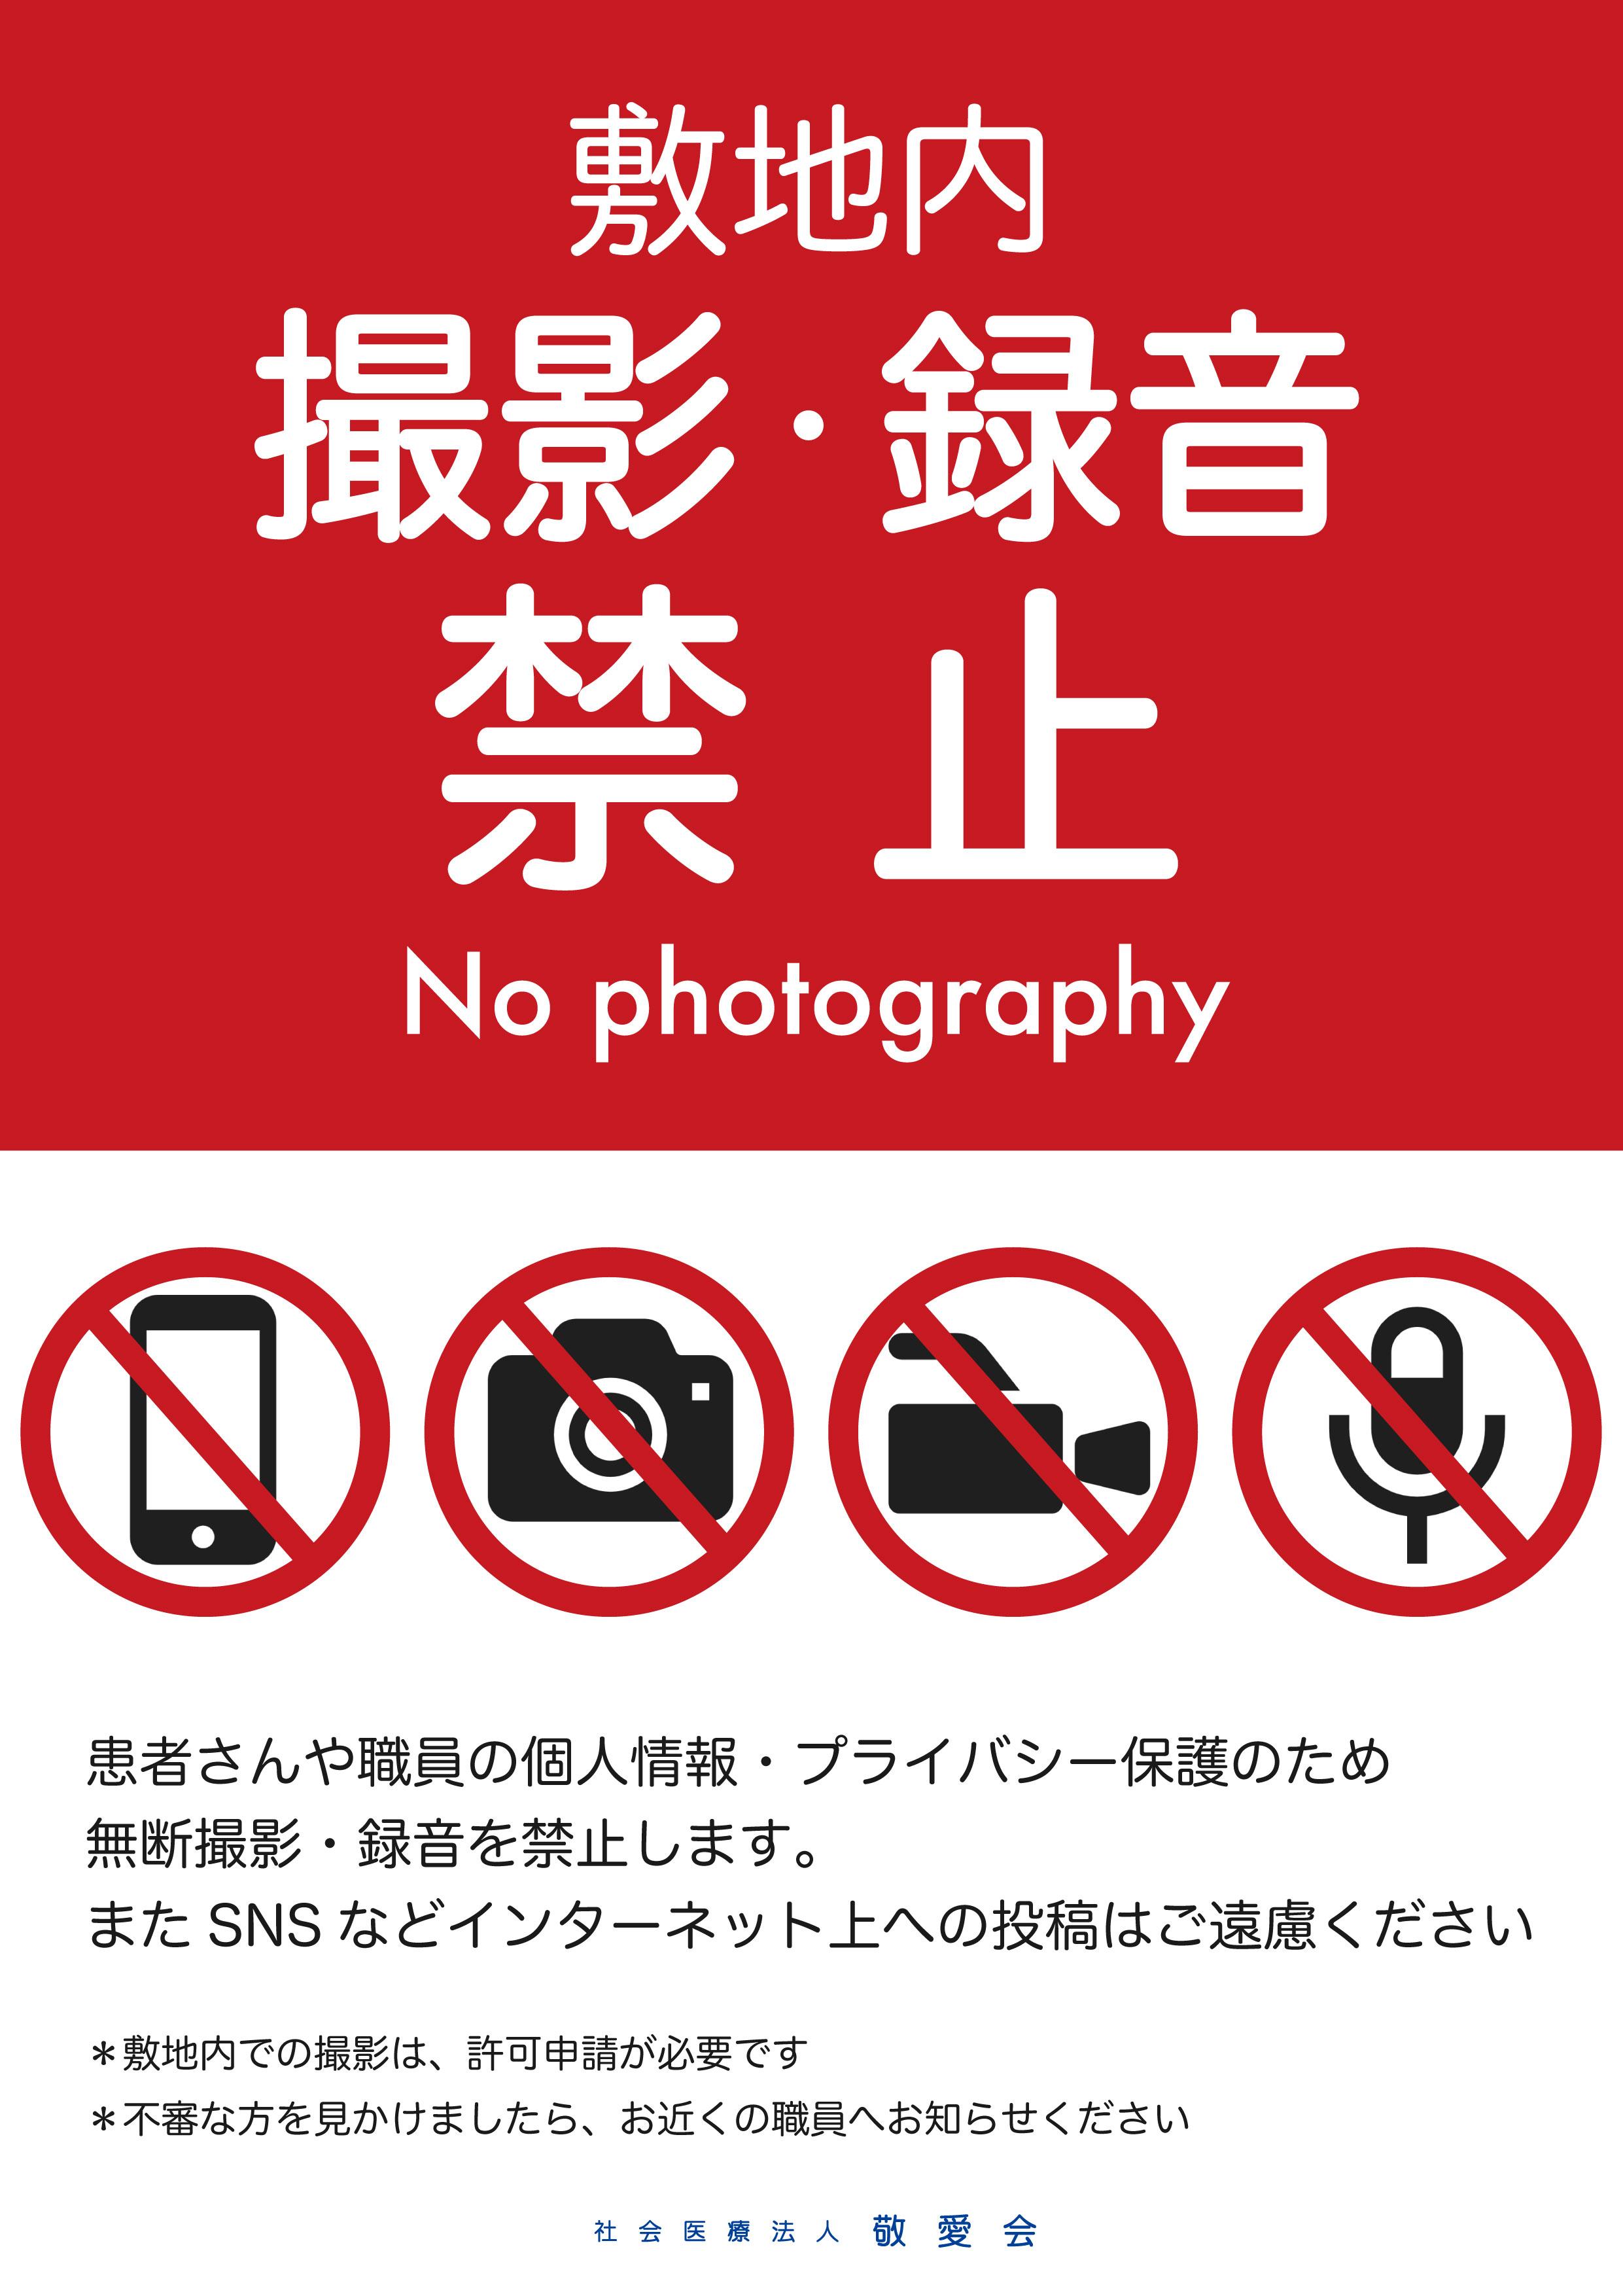 敷地内撮影・録音禁止